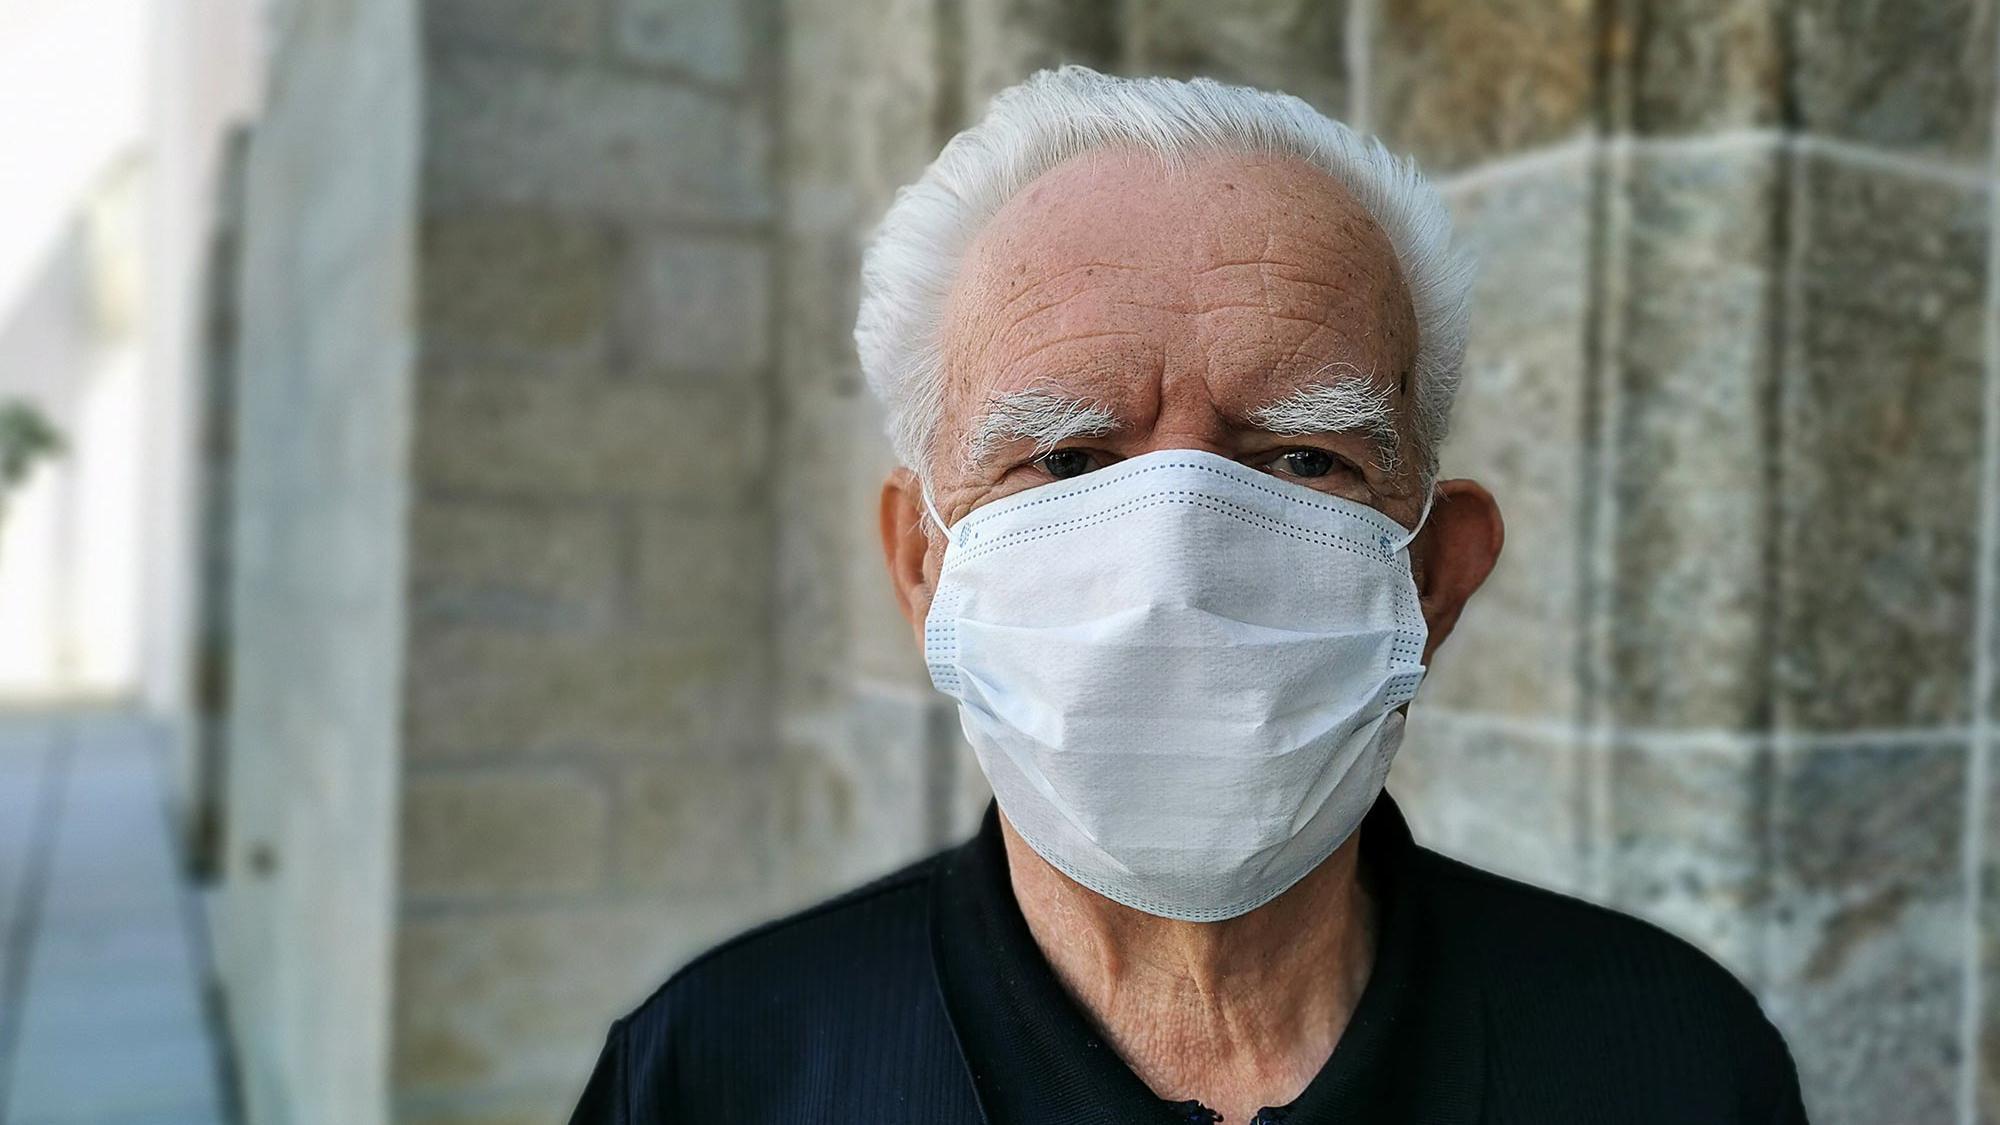 Возраст не влияет на восприимчивость к коронавирусной инфекции